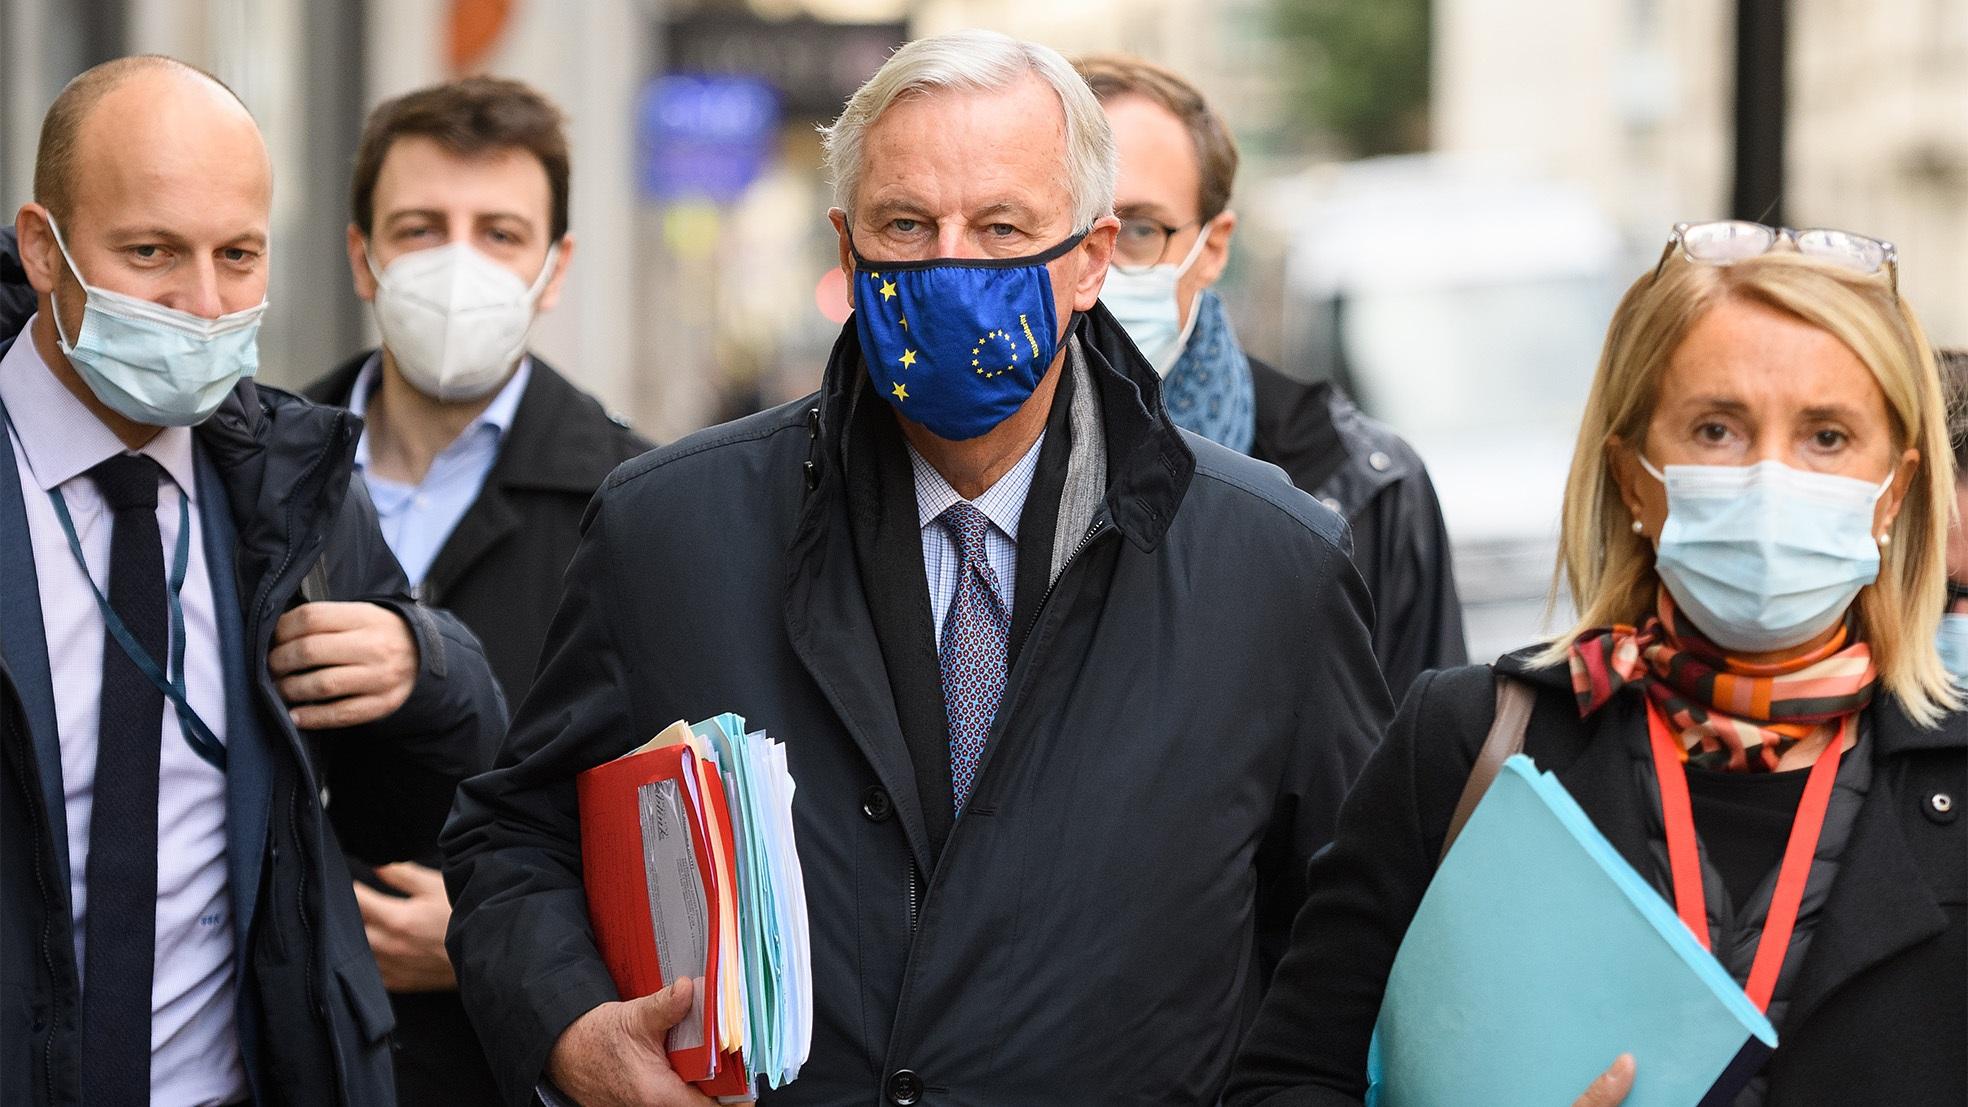 Barnier EU Brexit onderhandelingen mondkapje